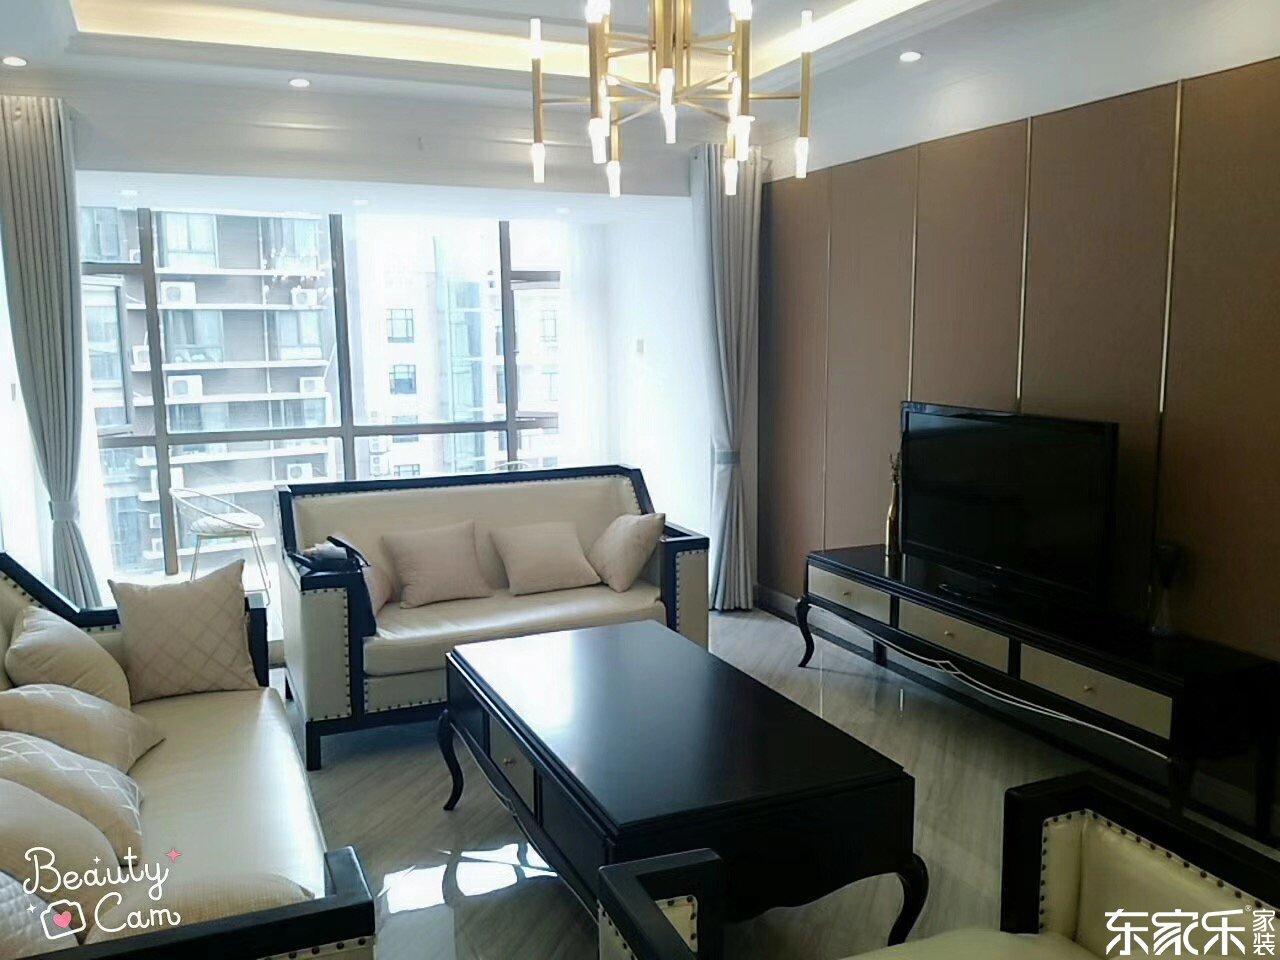 115平米现代简约风格客厅装修效果图